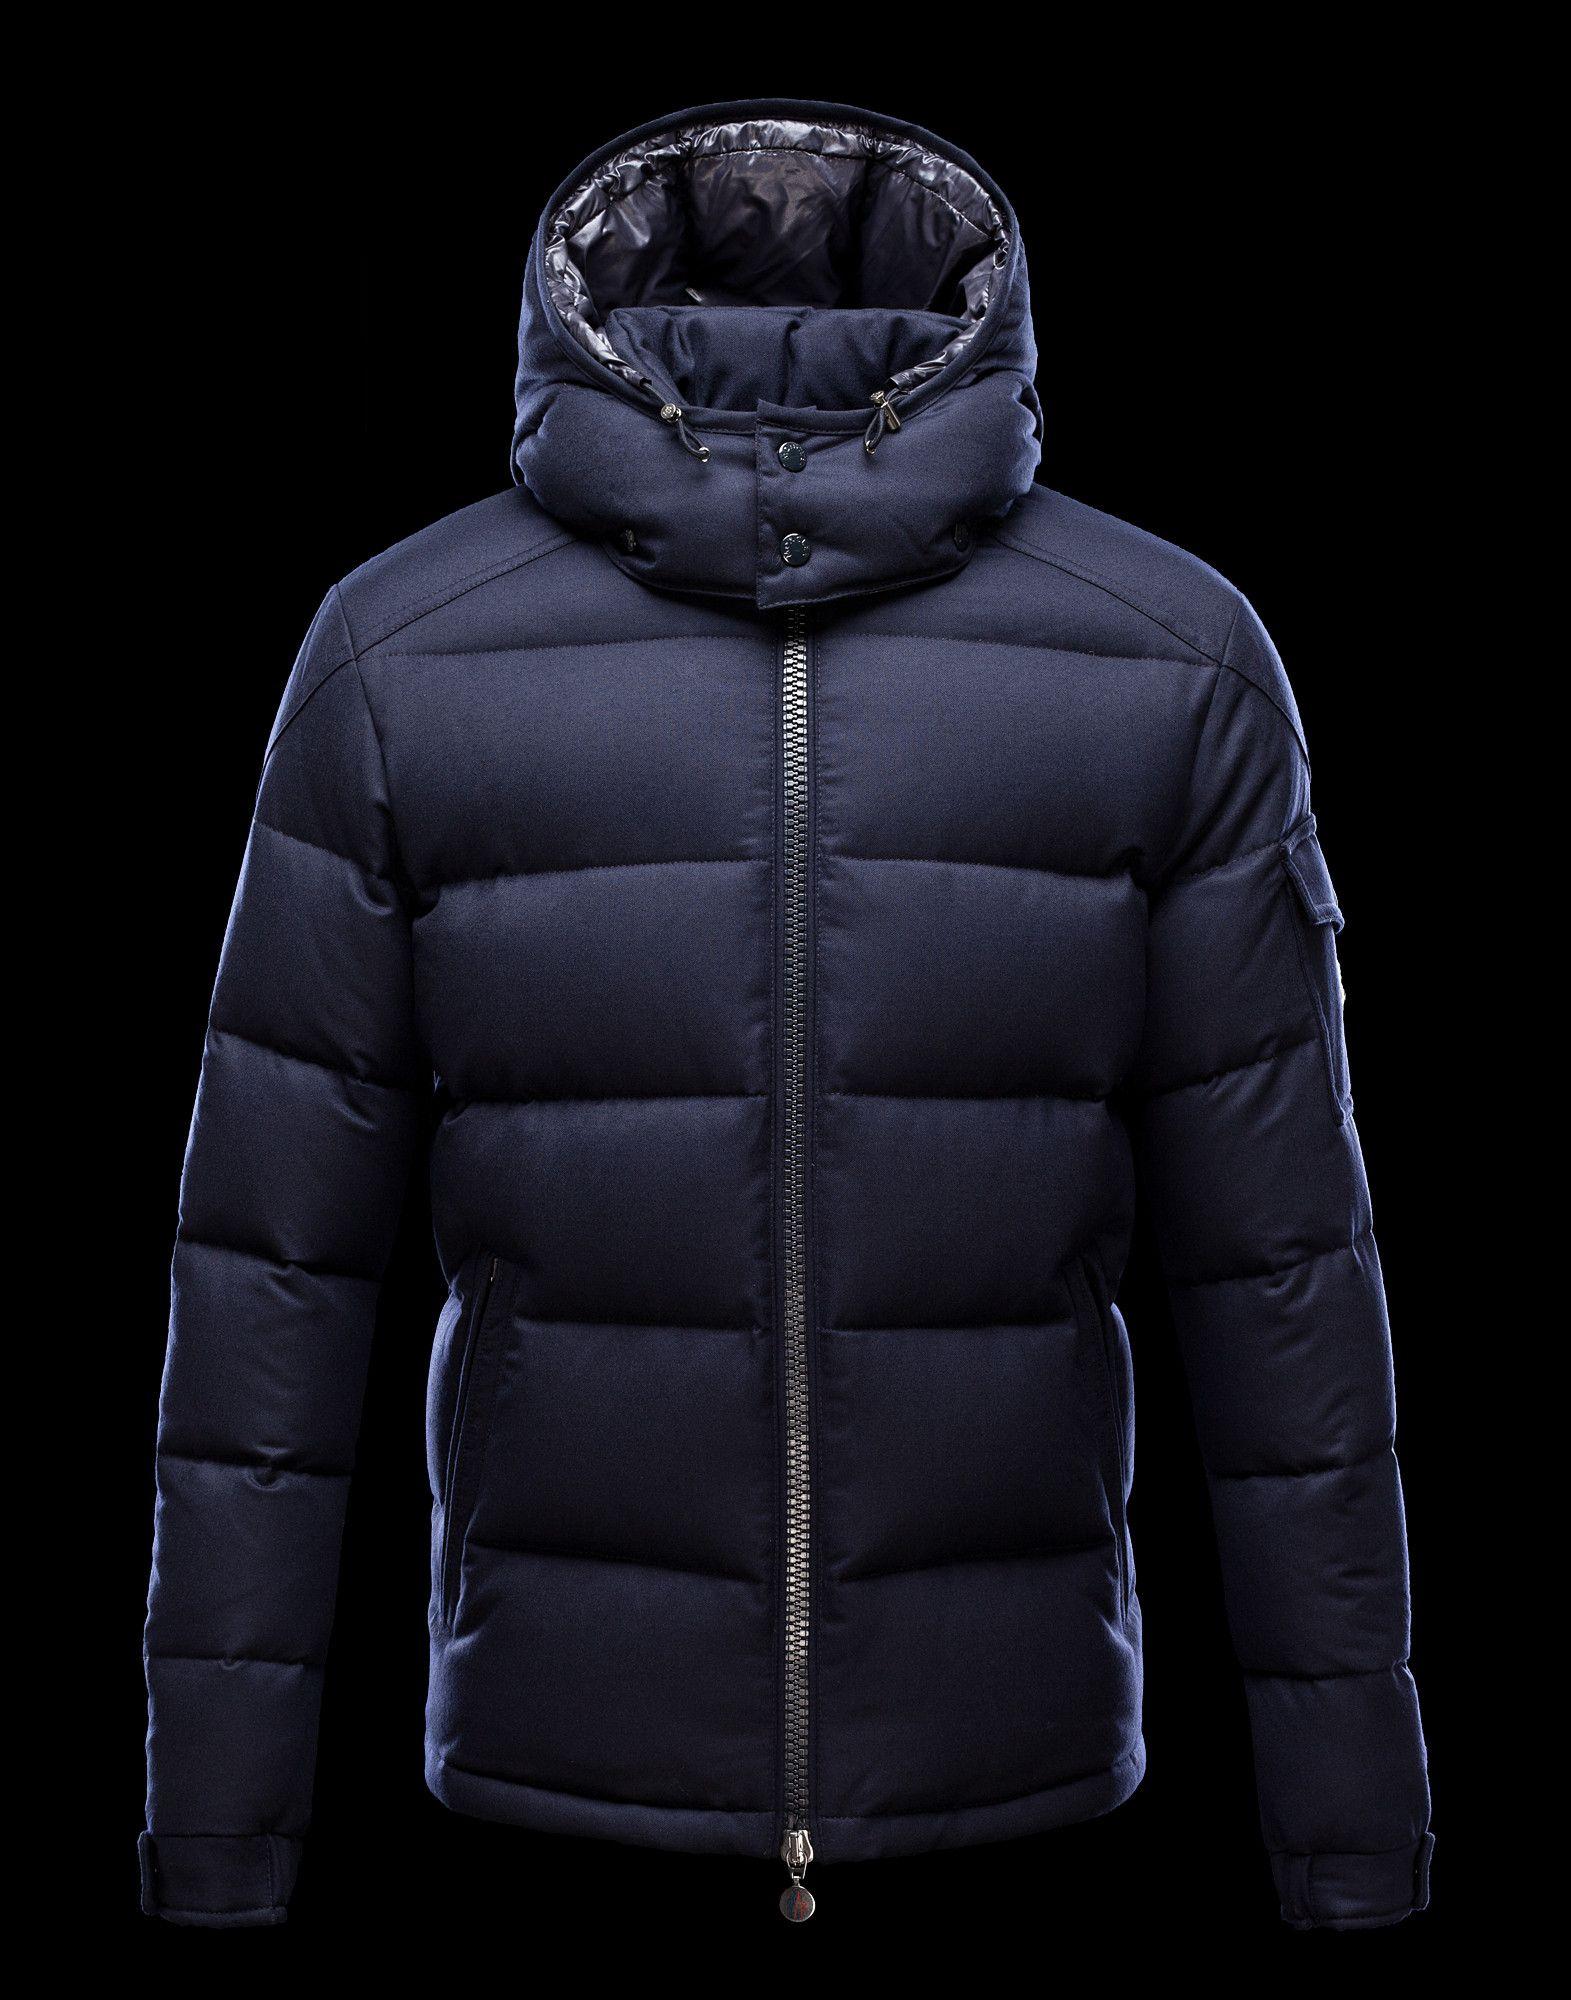 7c246caf3 MONCLER Men - Fall/Winter 12 - OUTERWEAR - Jacket - Montgenevre | I ...